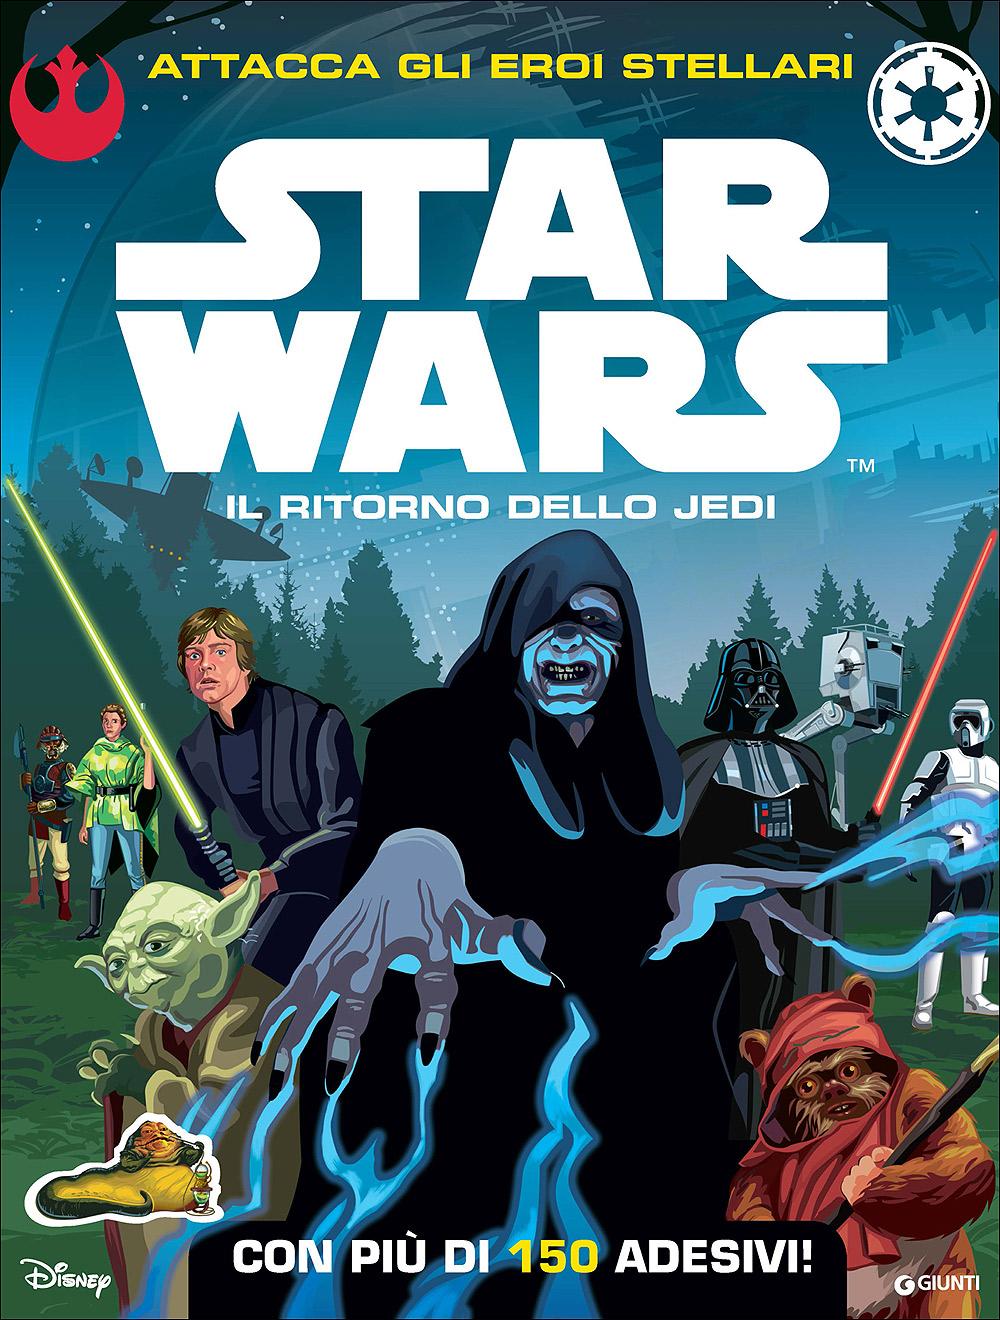 Attacca gli eroi stellari - Star Wars. Il ritorno dello Jedi